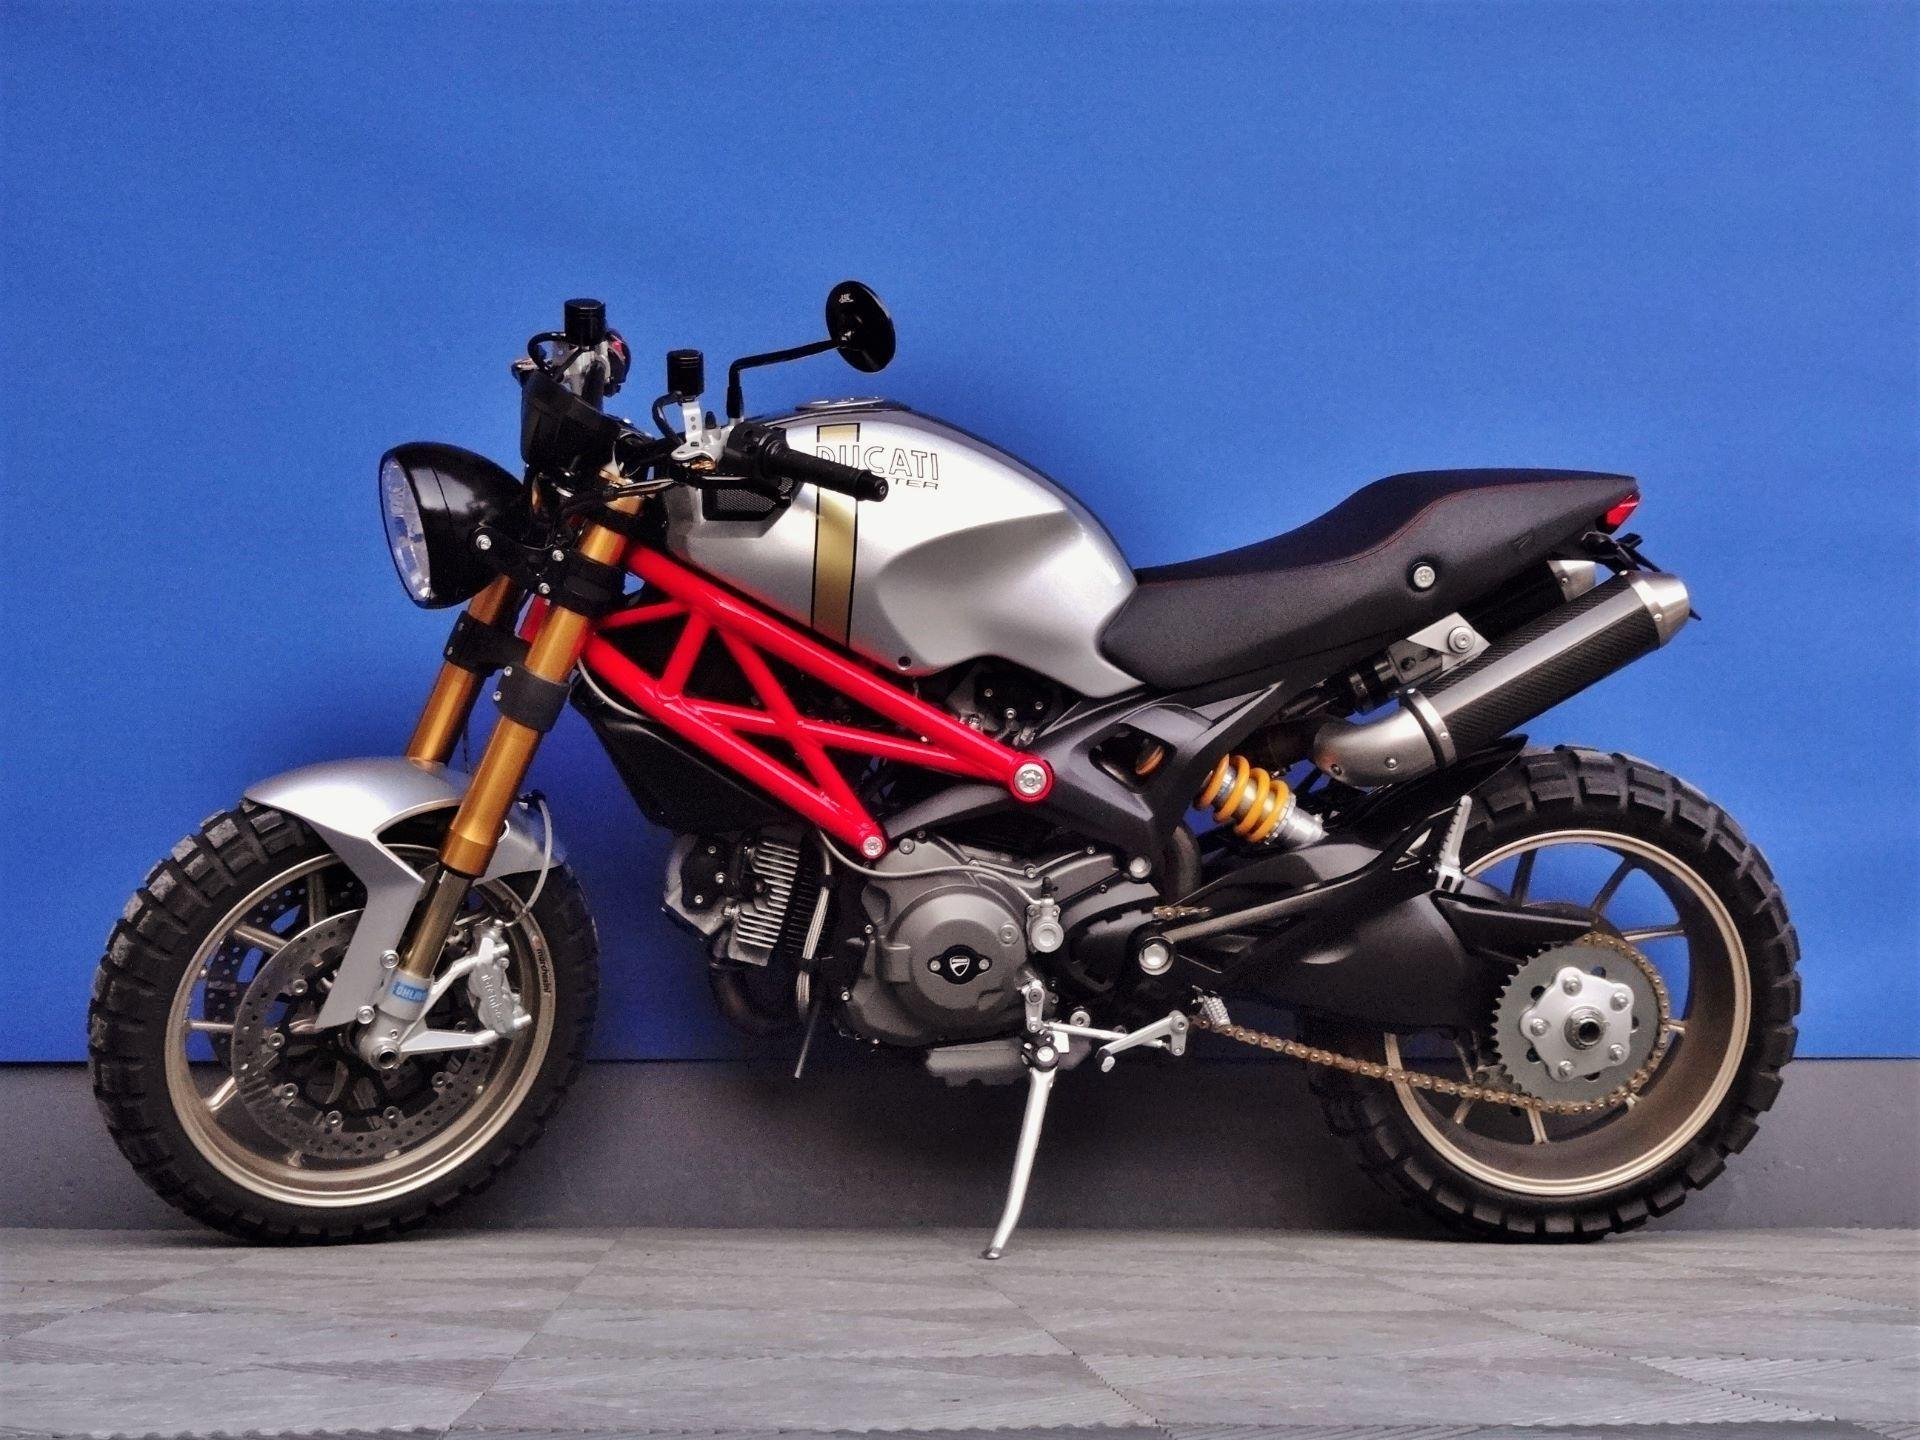 motorrad occasion kaufen ducati 1100 monster s scrambler vogel motorbikes sch pfheim. Black Bedroom Furniture Sets. Home Design Ideas